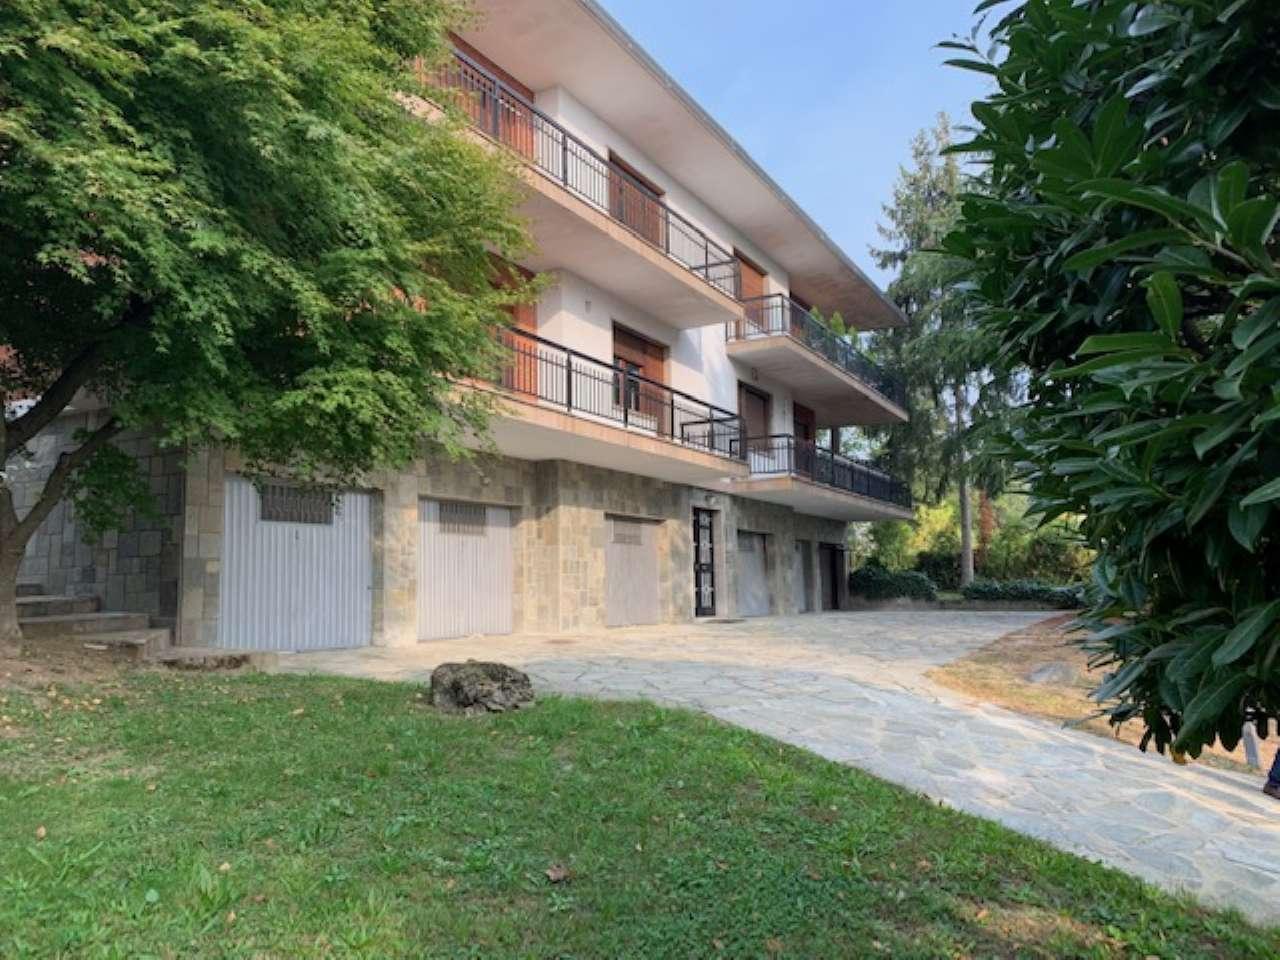 Appartamento in vendita a Pino Torinese, 5 locali, prezzo € 229.000 | PortaleAgenzieImmobiliari.it